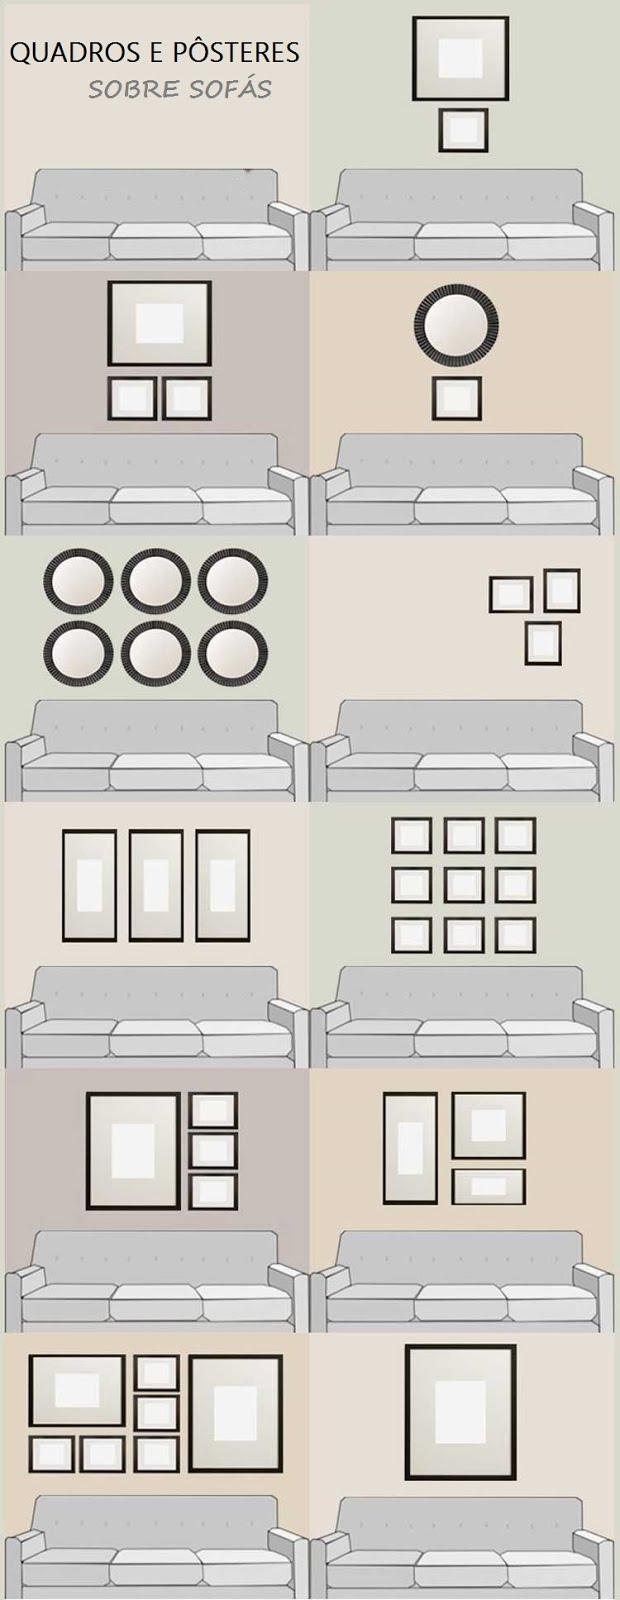 modelo disposição de quadros